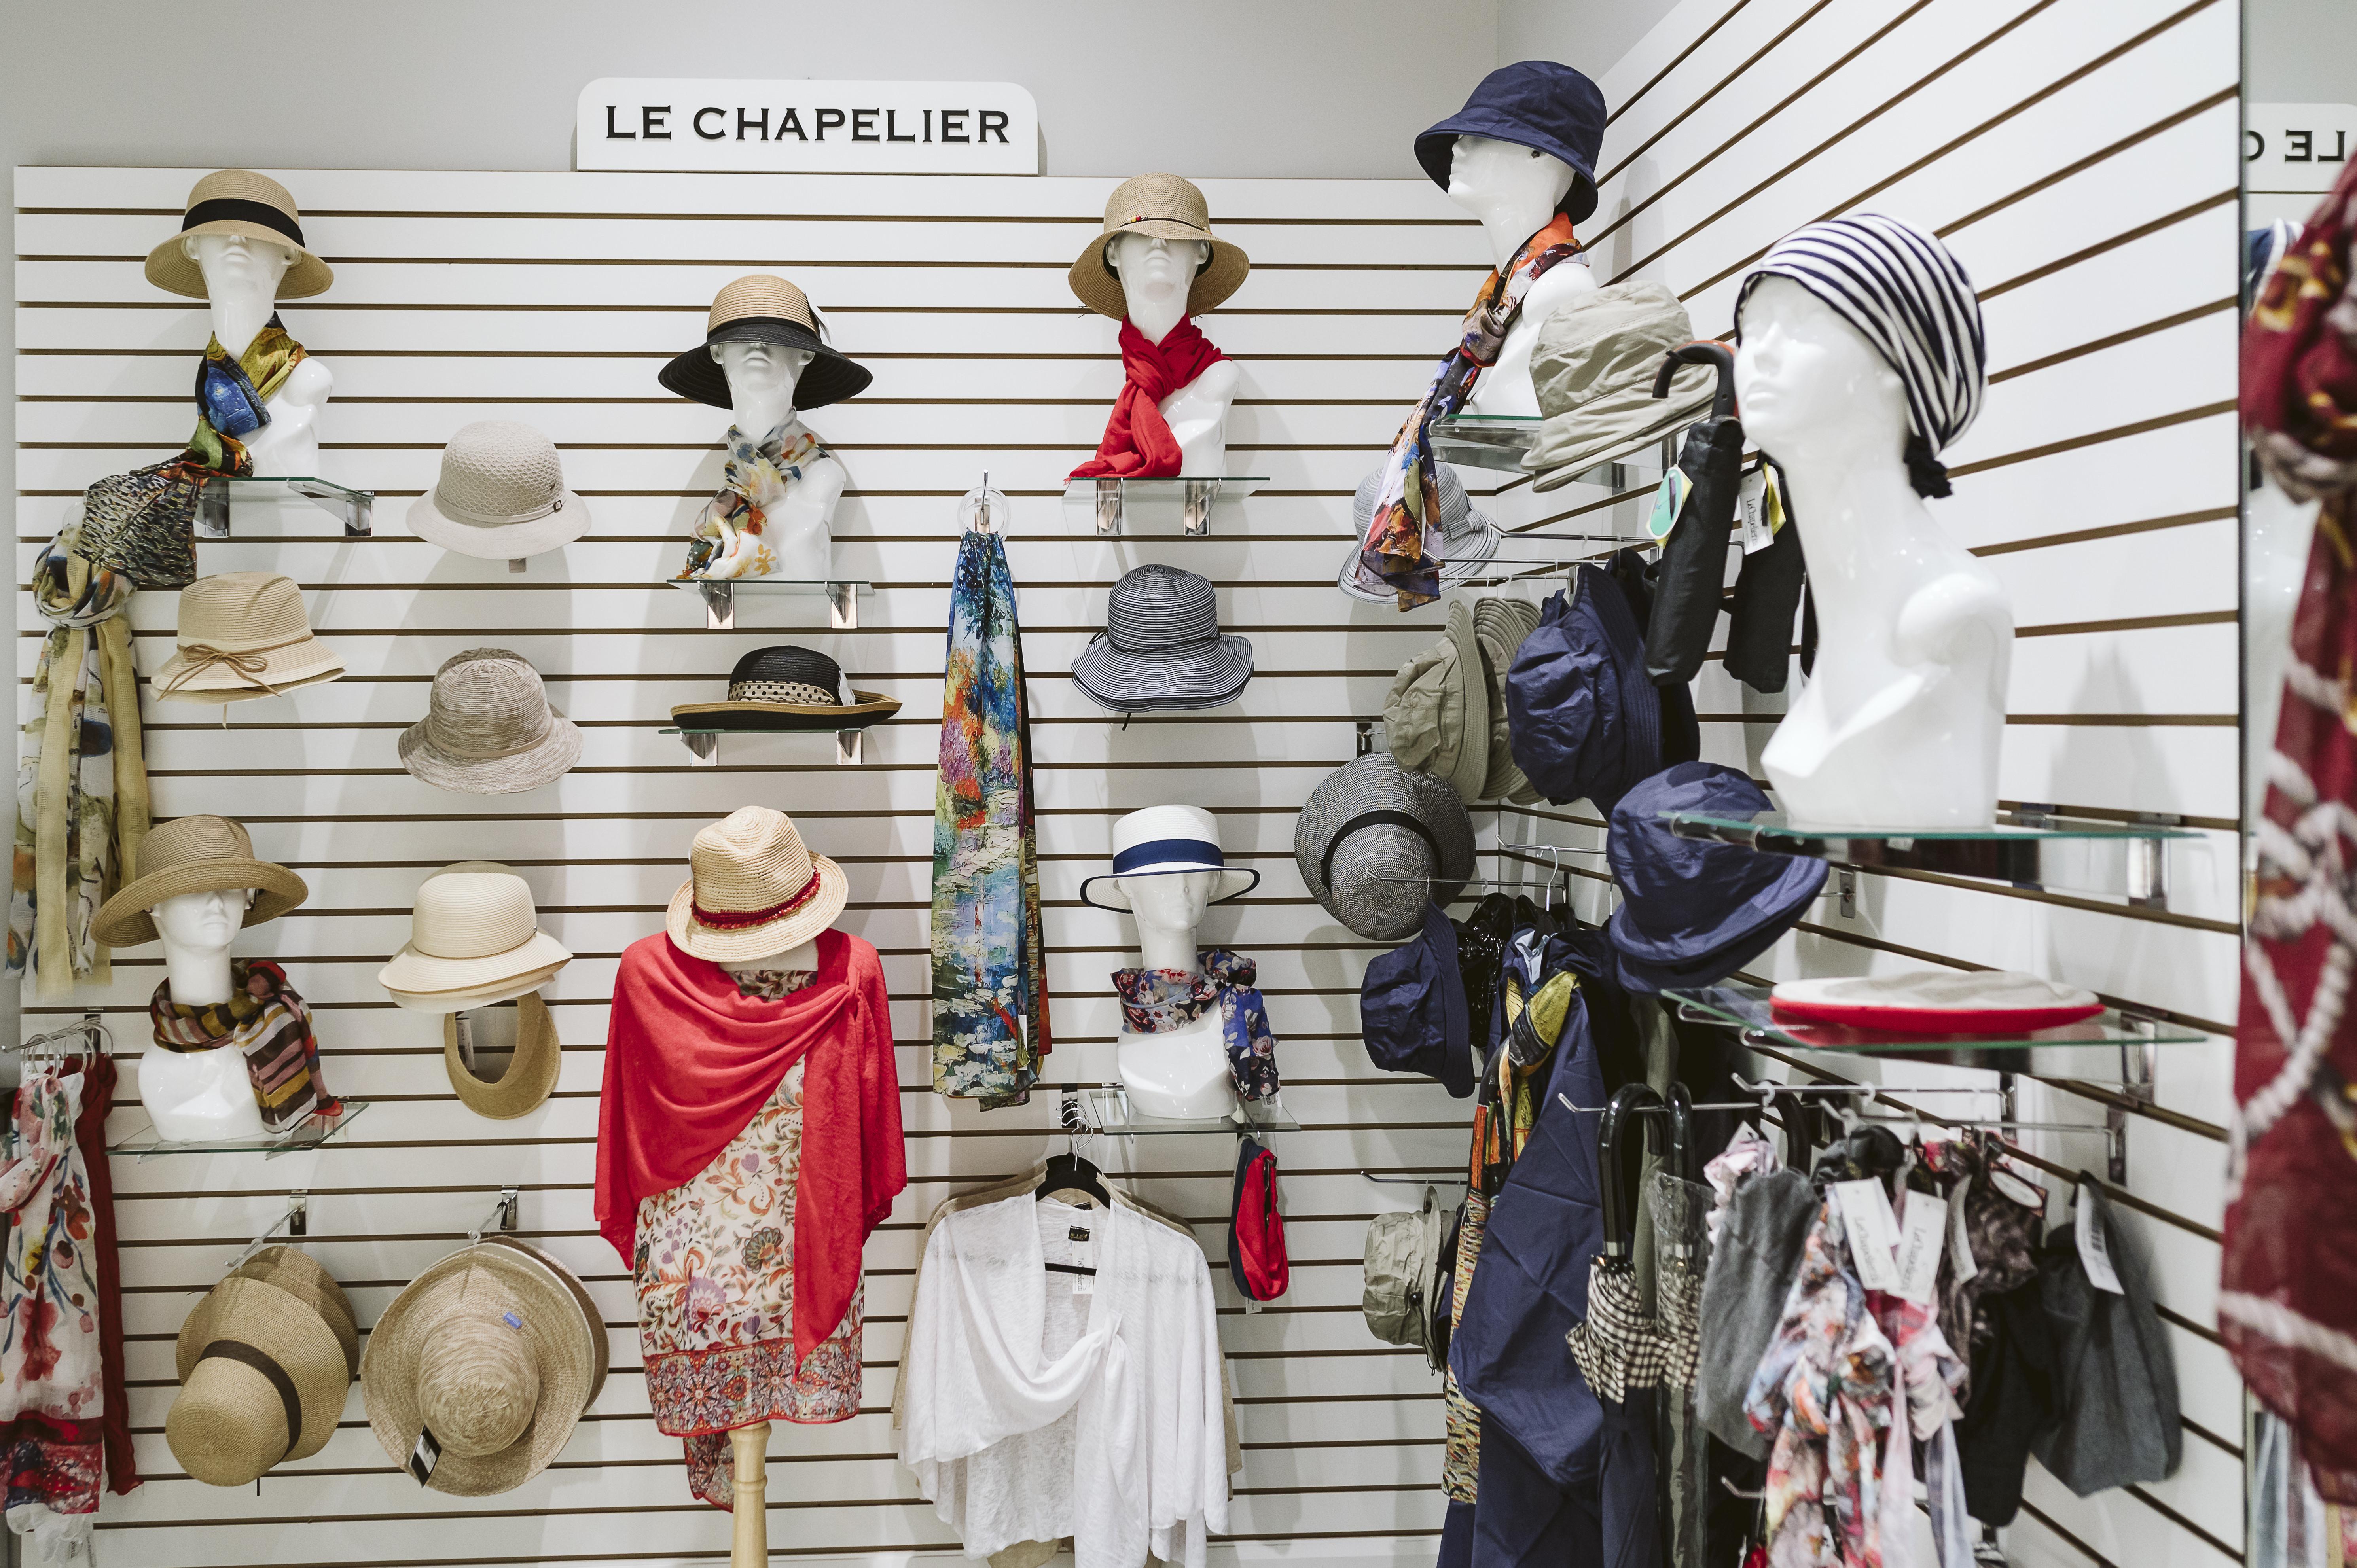 Le Chapelier - Mail Champlain